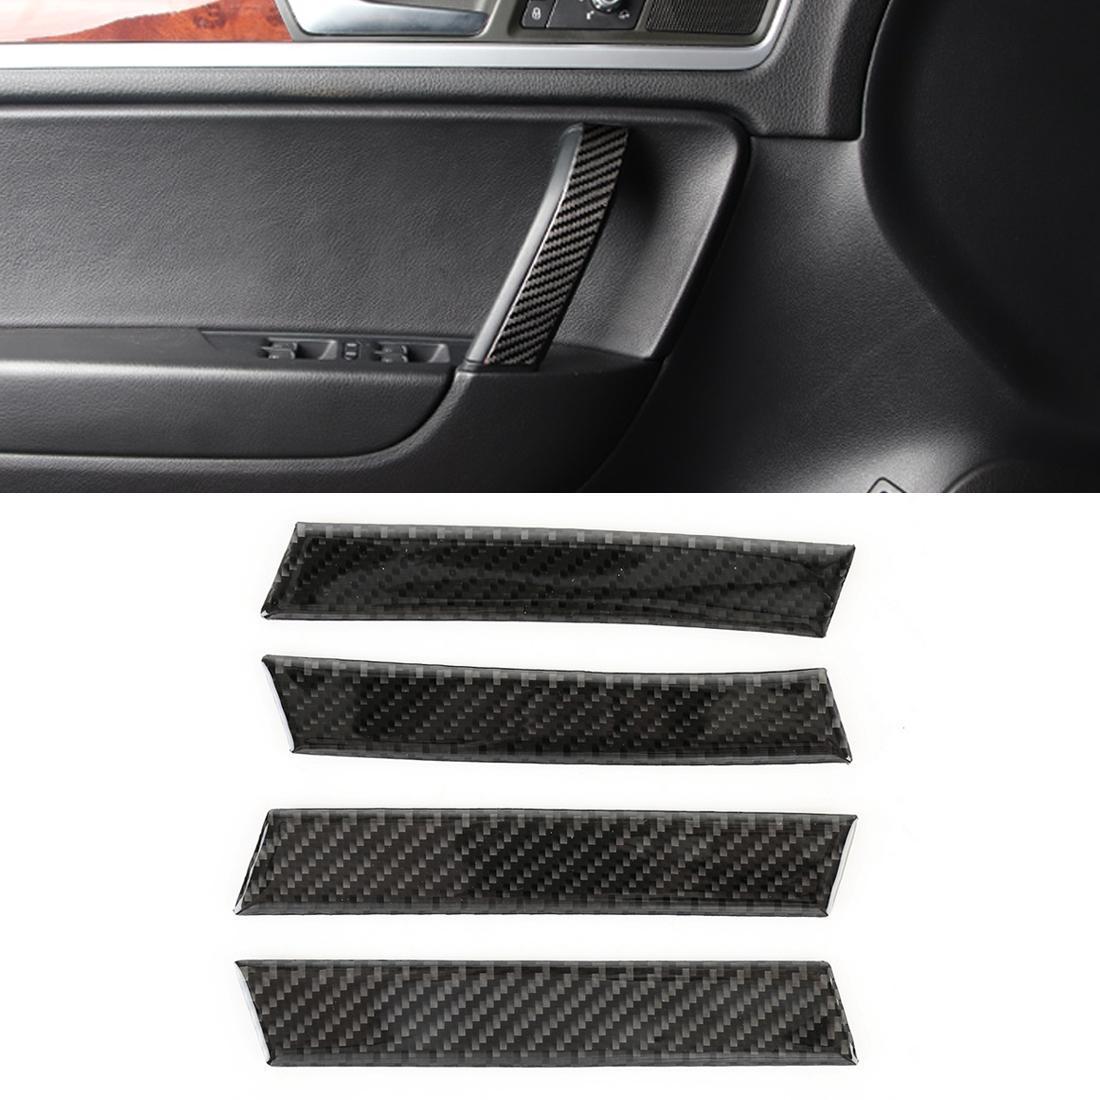 4 шт. Автомобиль Углеродная волокна Внутренняя Ручка Панель Декоративная Наклейка для Volkswagen Touareg